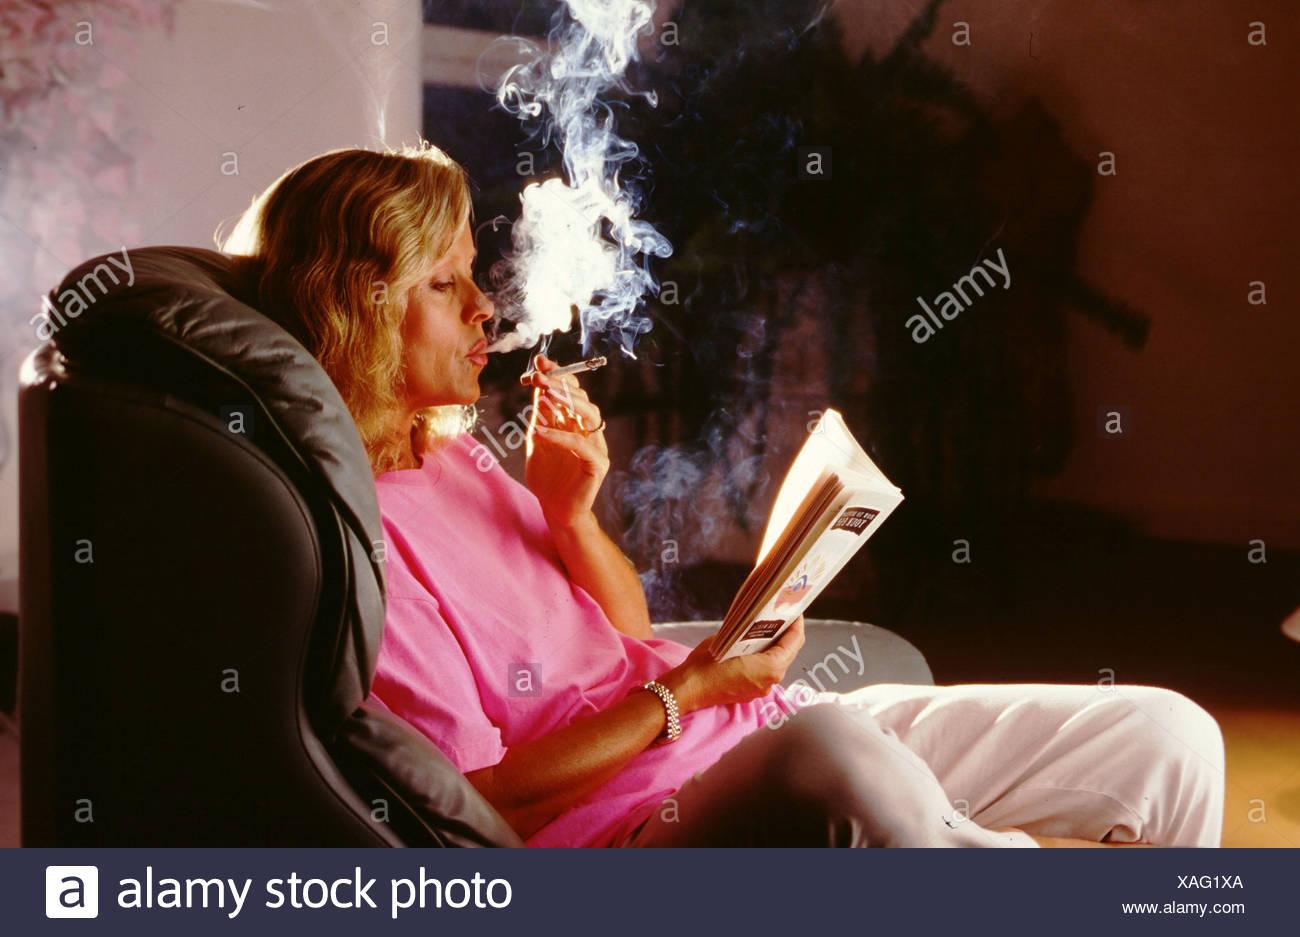 Leggere In Poltrona.Poltrona Fumo Di Sigaretta Pregiudizievoli Per La Salute